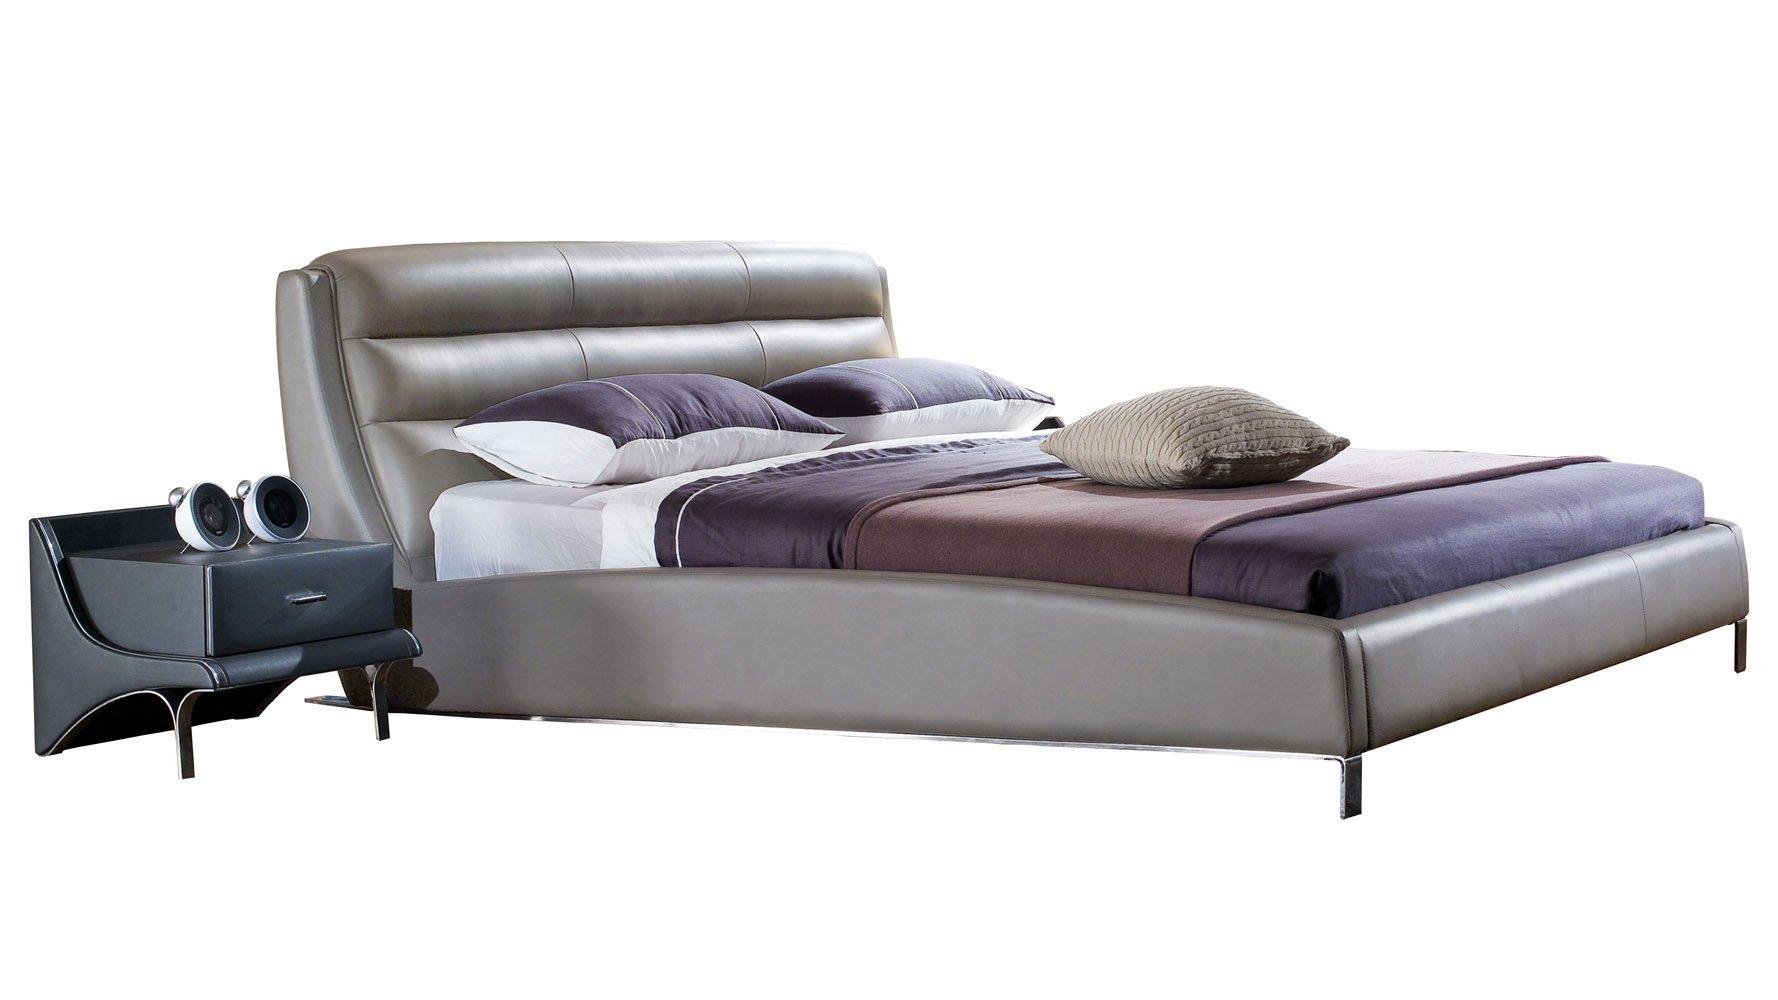 Hermes grey leather platform bed zuri furniture for Leather beds